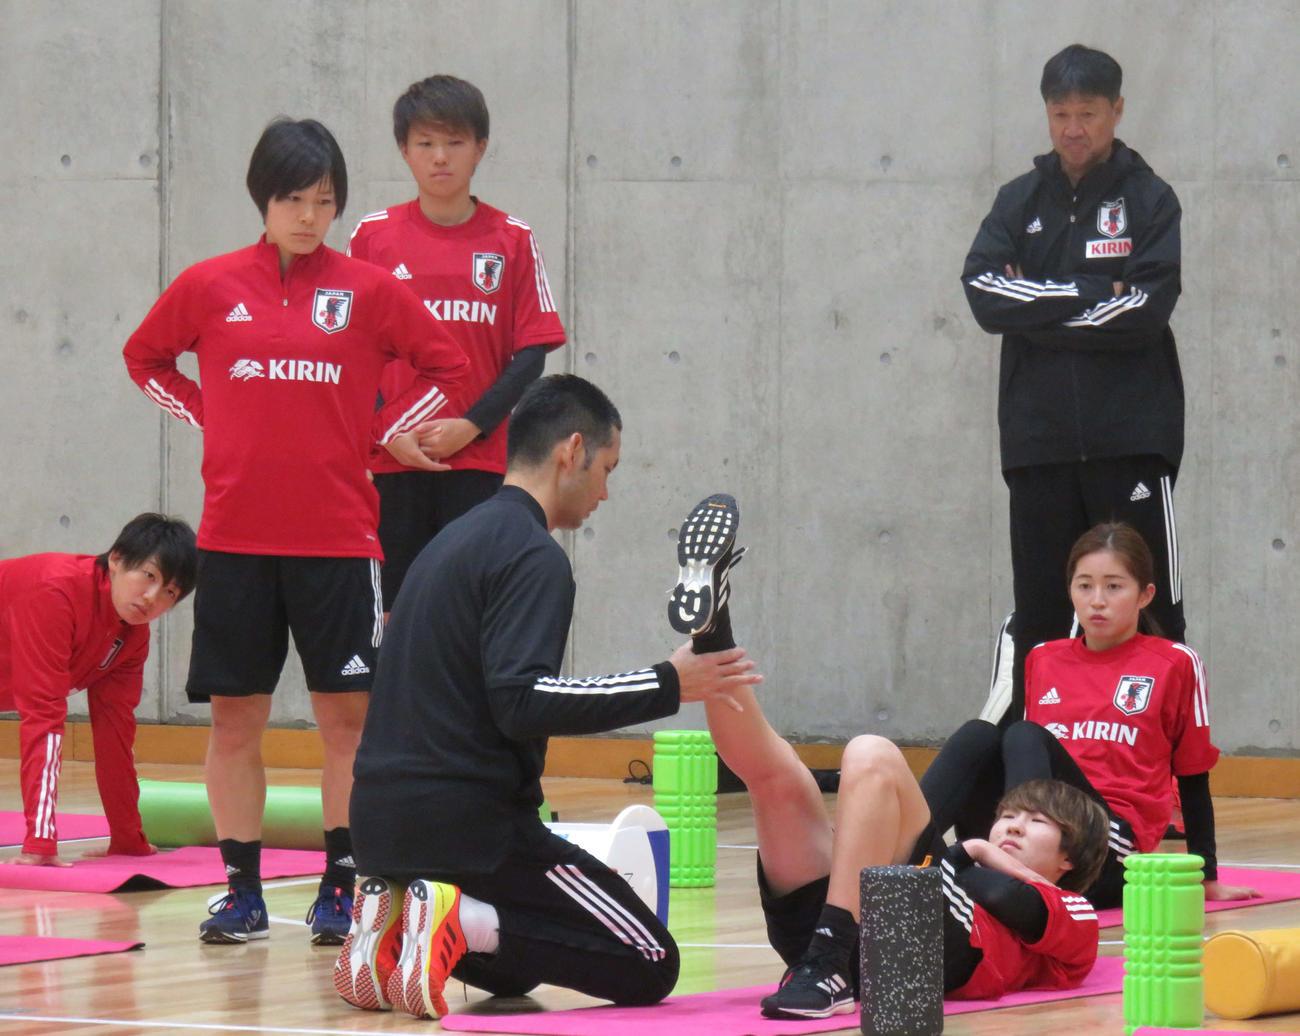 室内トレーニングを行う、なでしこジャパンの選手たち(撮影・松尾幸之介)